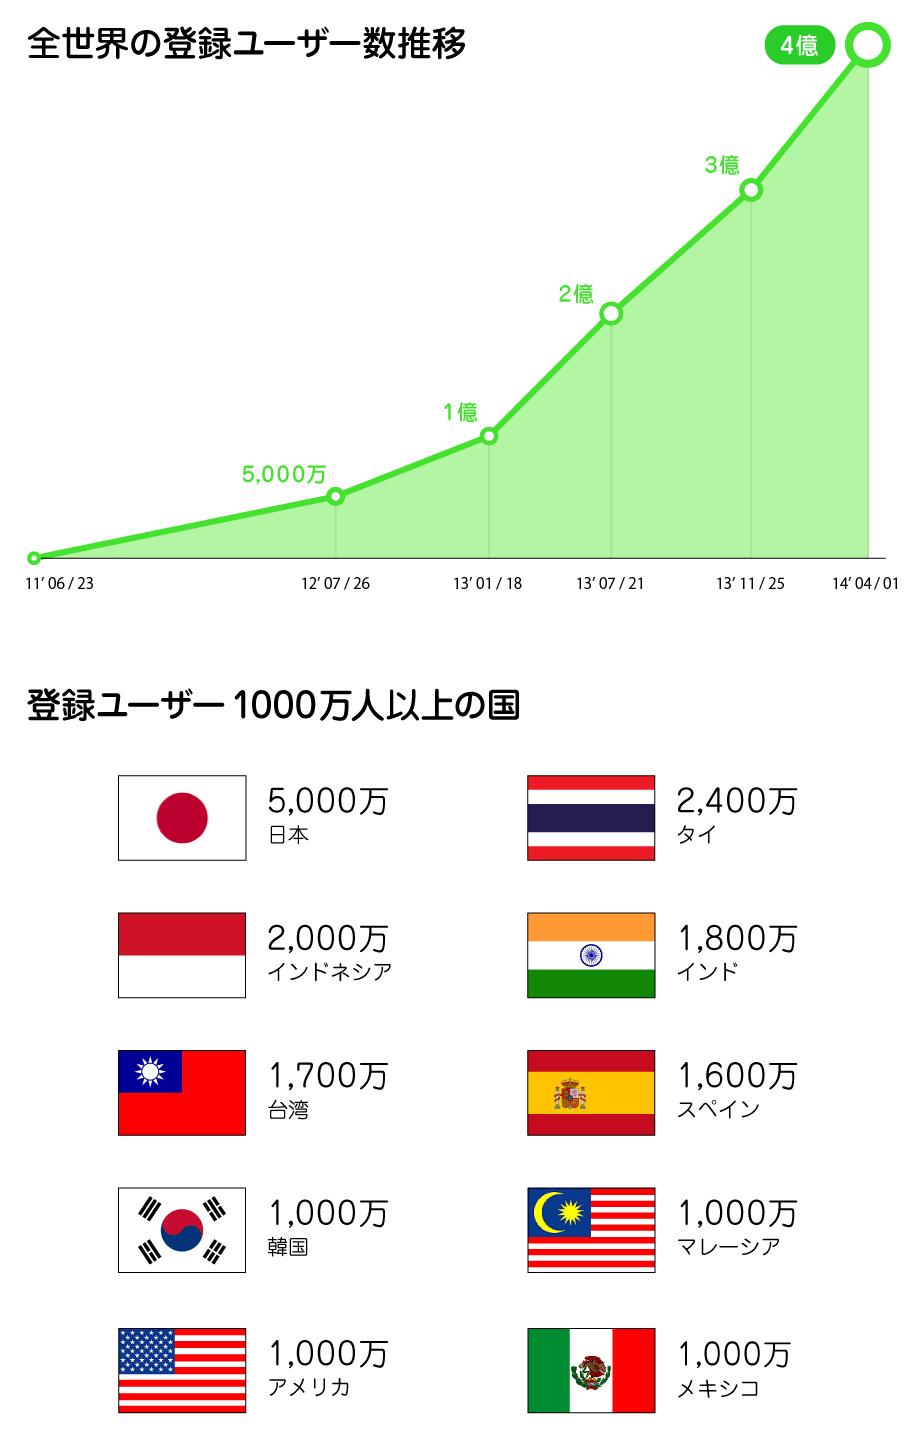 LINEユーザー数資料